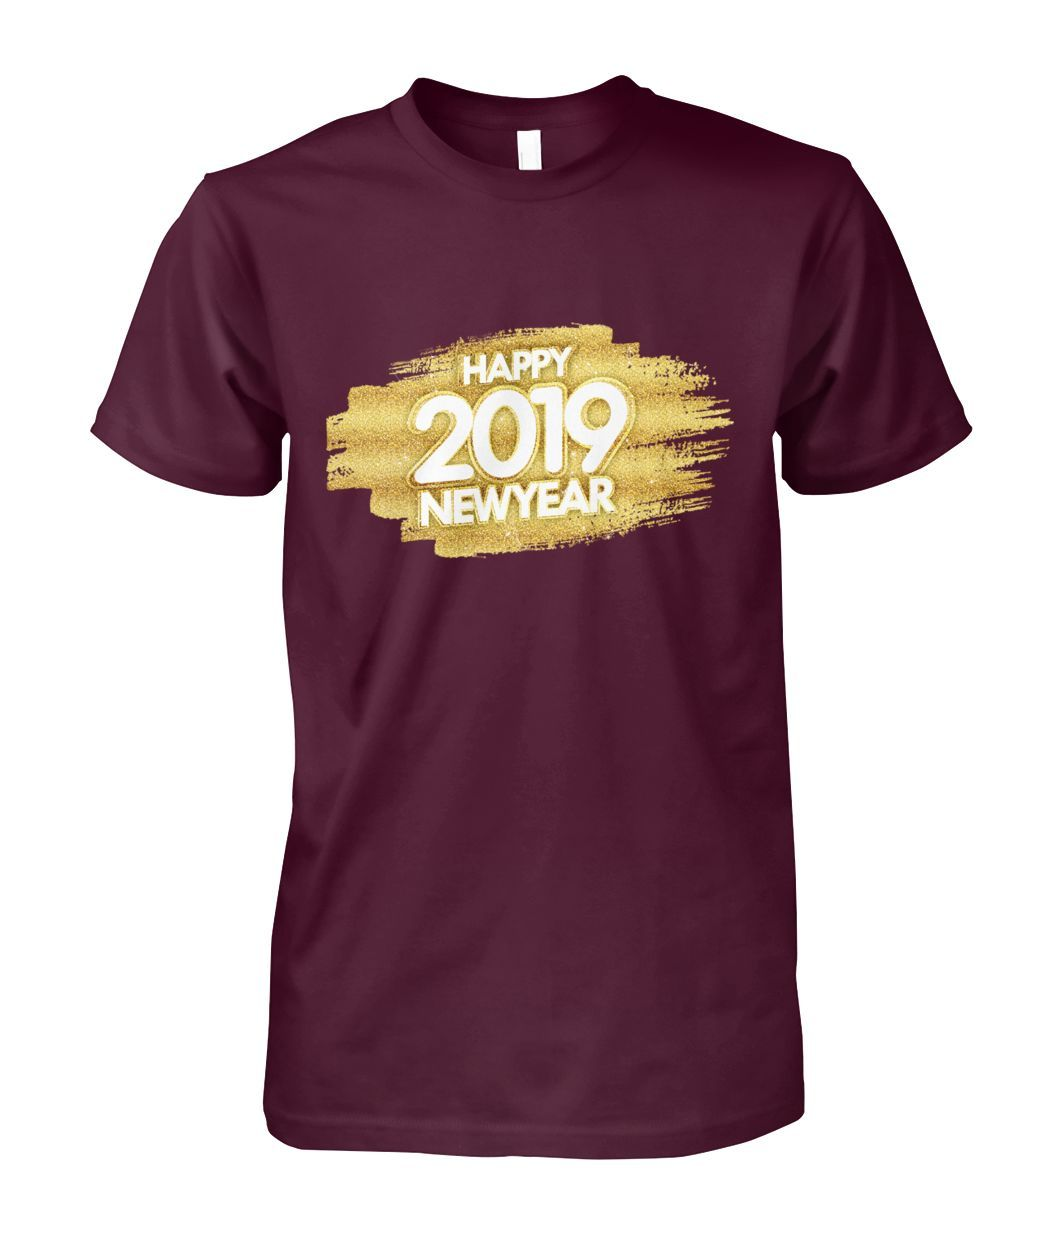 New years Eve Shirt 2019 Happy New Year 2019 New years